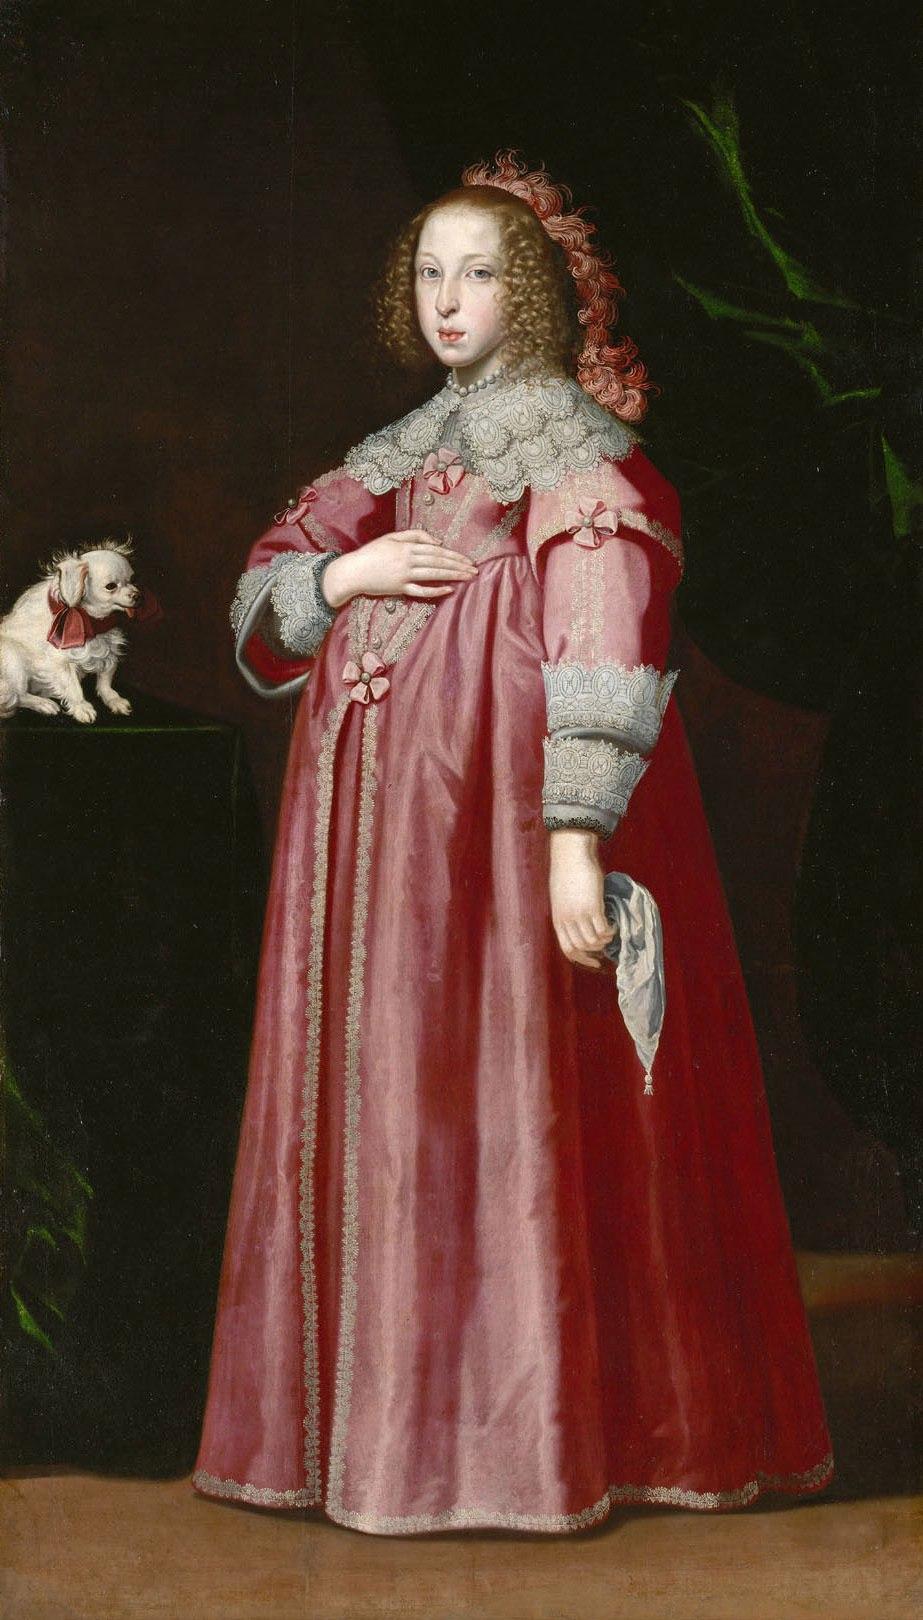 Мария Леопольдина Австрийская, императрица Священной Римской Империи (1632-1649)